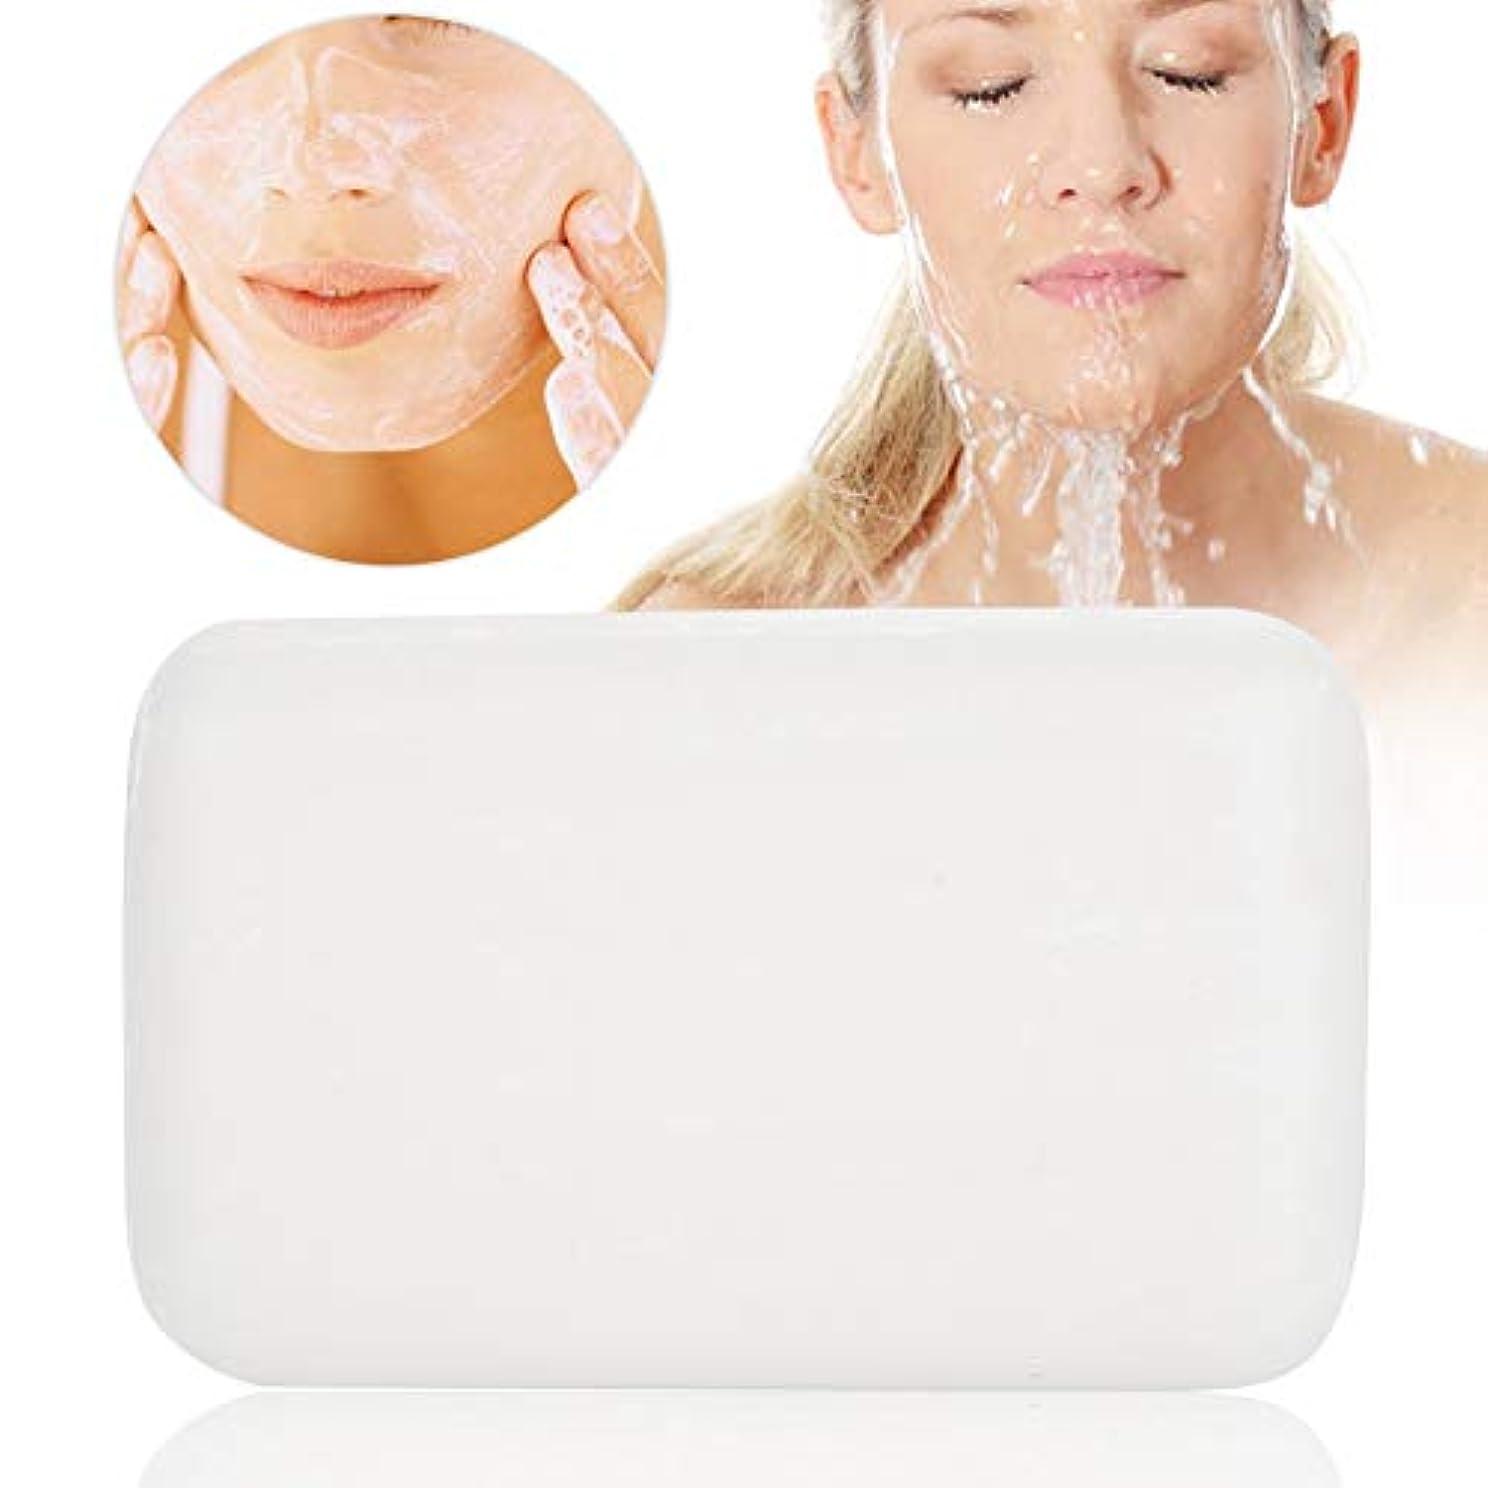 回転寝具交換洗顔石鹸 石鹸 シミ取り! 洗顔石けん 無添加 低刺激性 化粧石鹸(洗顔?全身用) せっけん バスサイズ